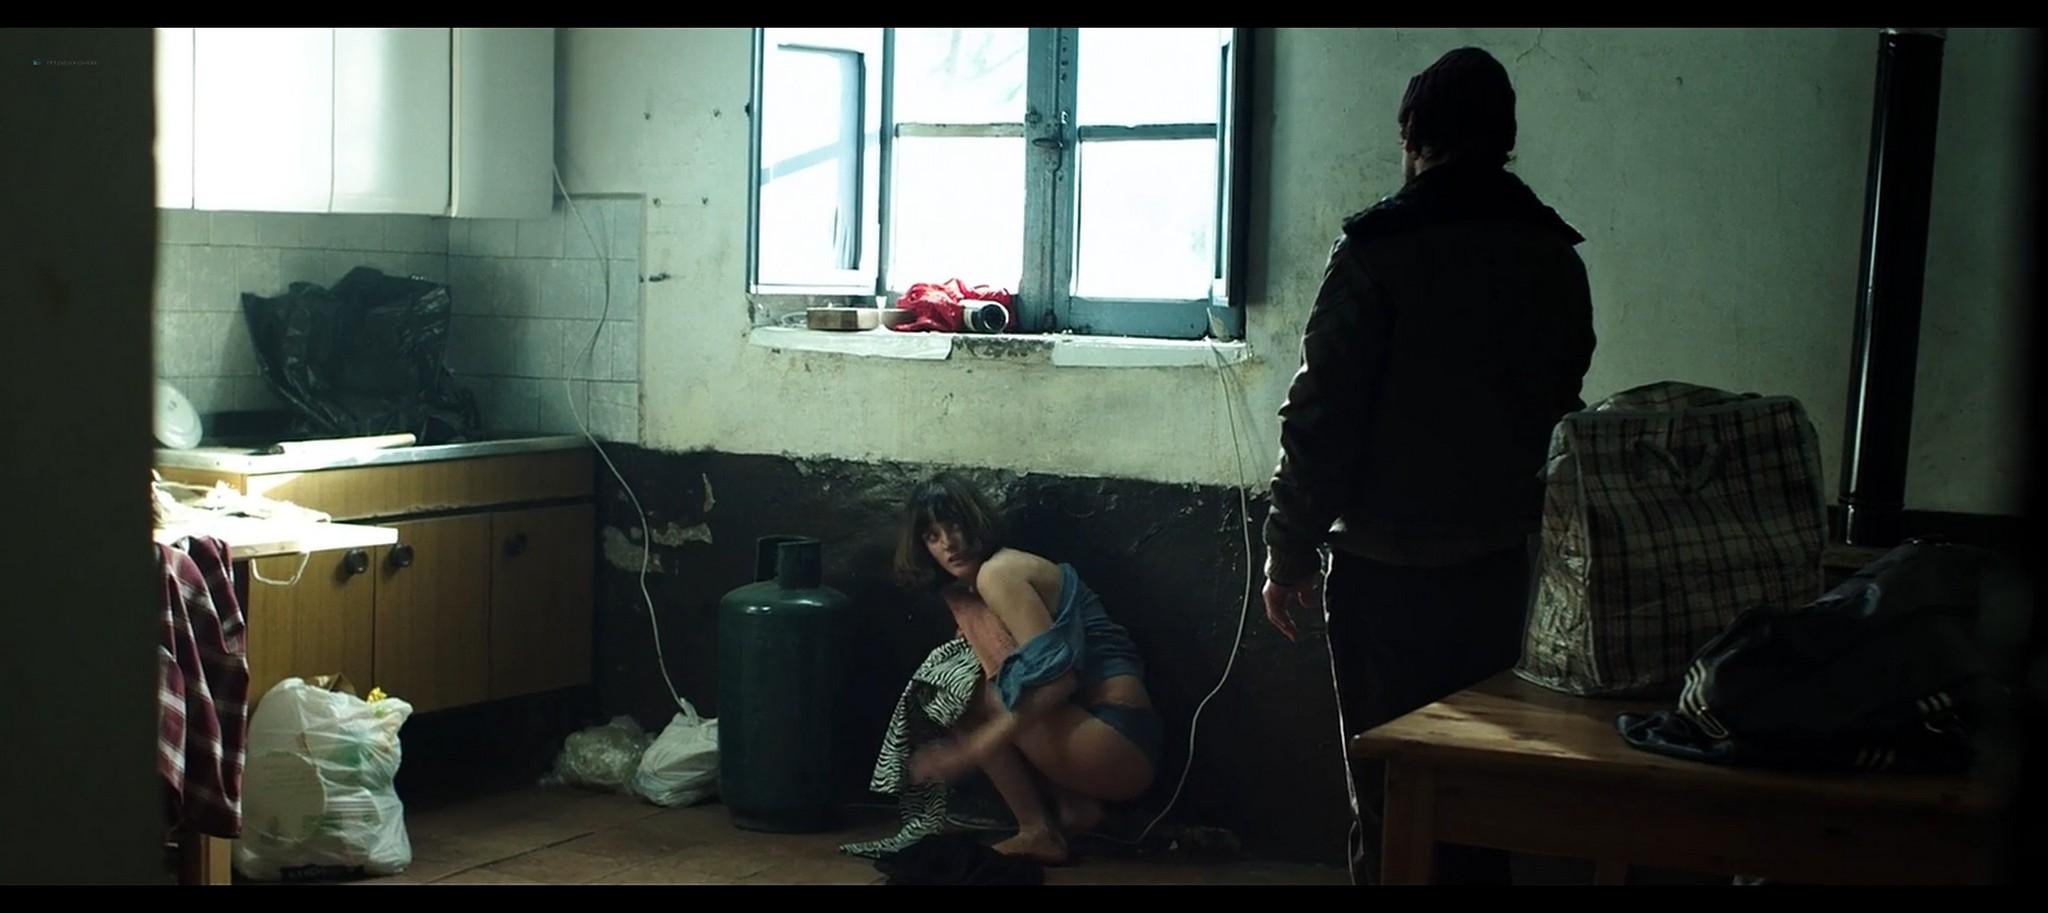 Francesca Agostini nude butt and Alessia Navarro sex lesbian bound Hope Lost 2015 hd1080p BluRay 3